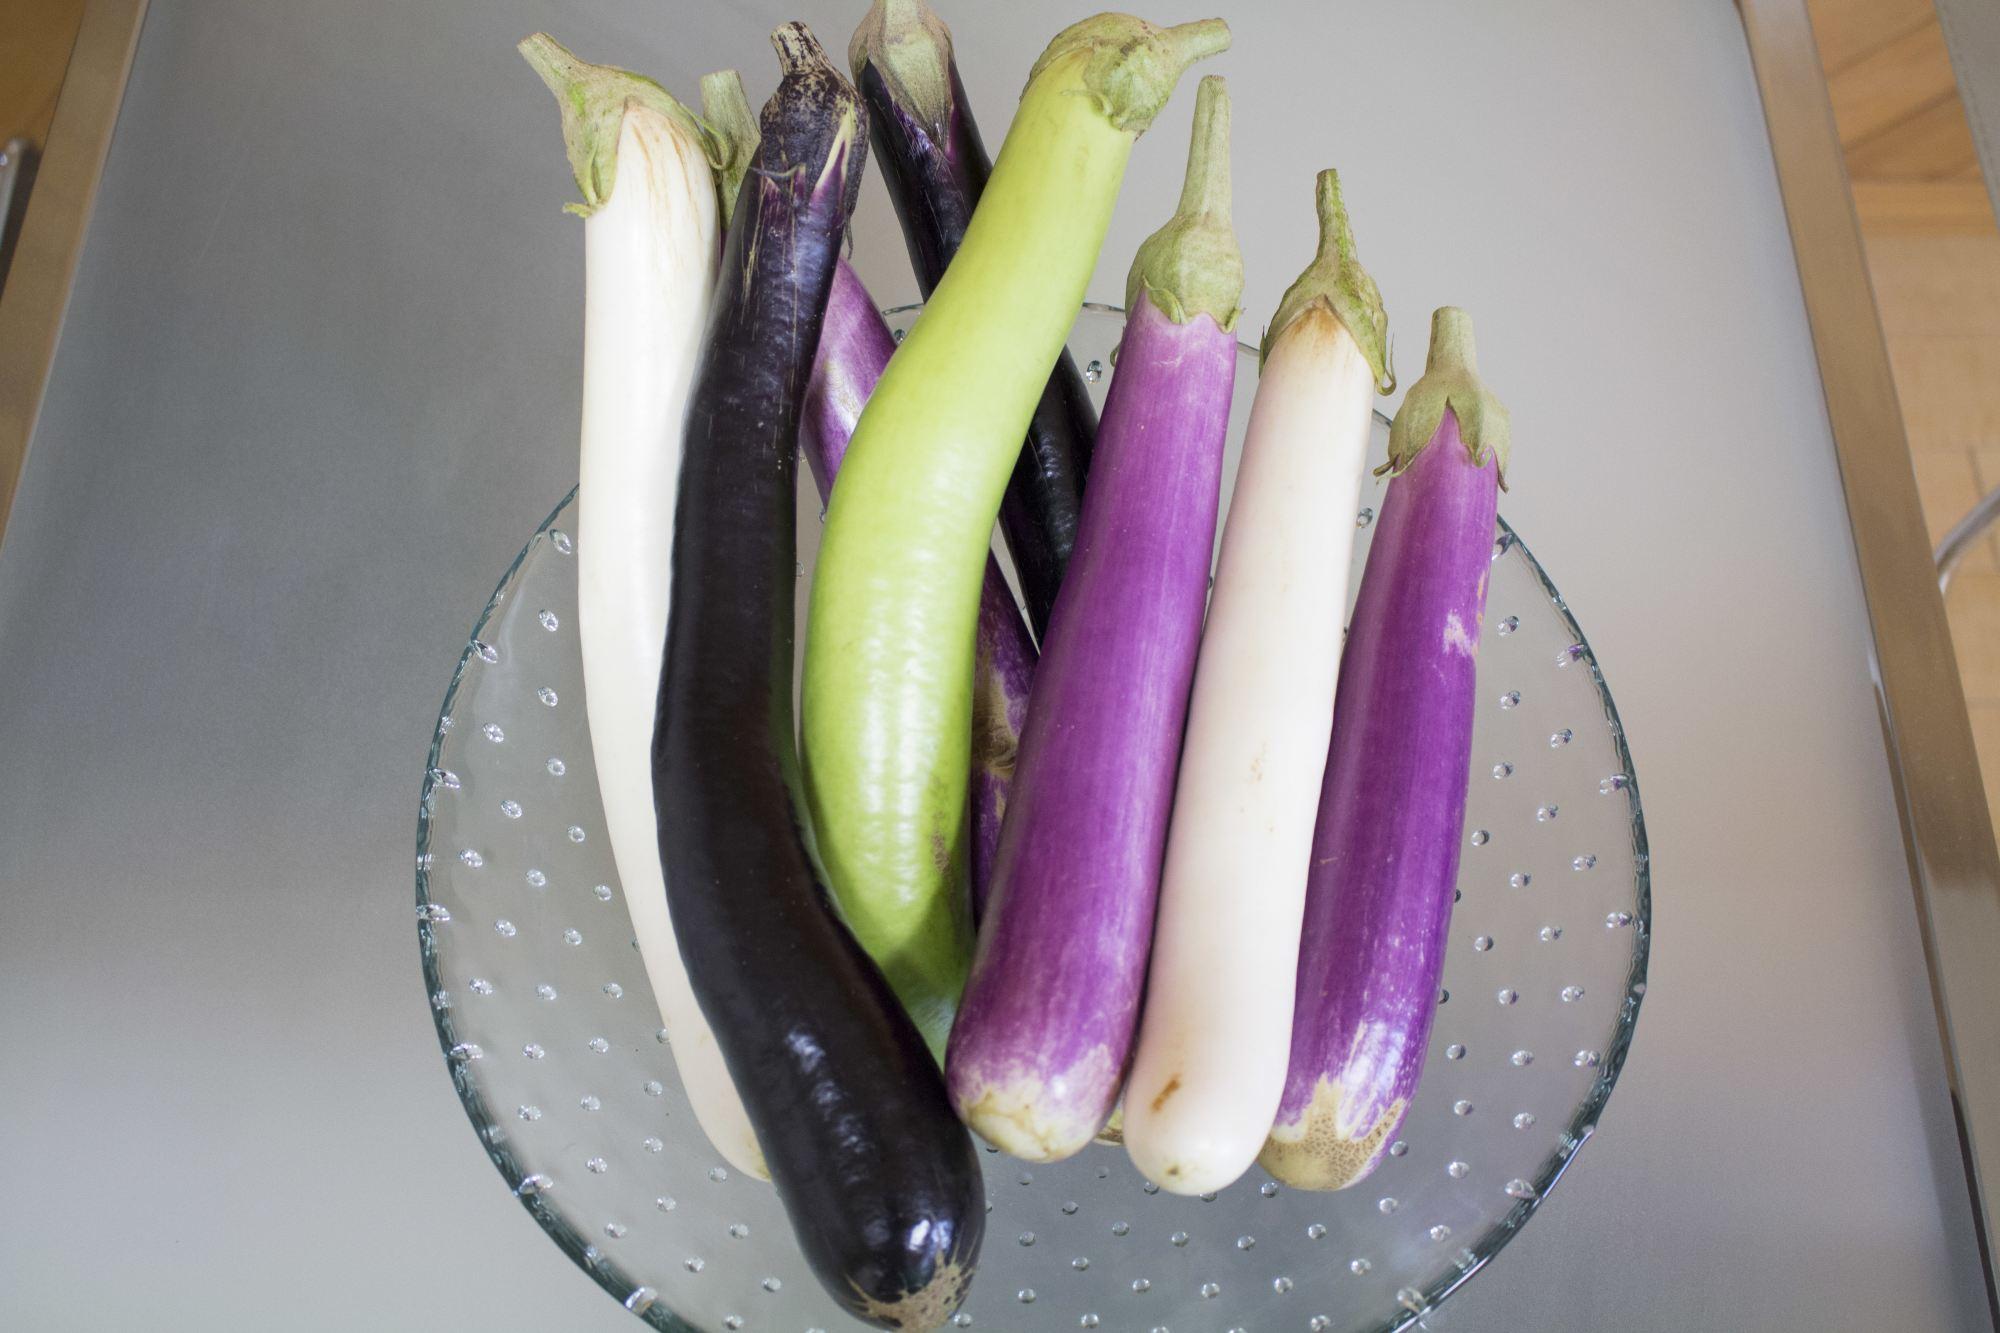 お客様からの贈り物。大きな夏野菜のナス